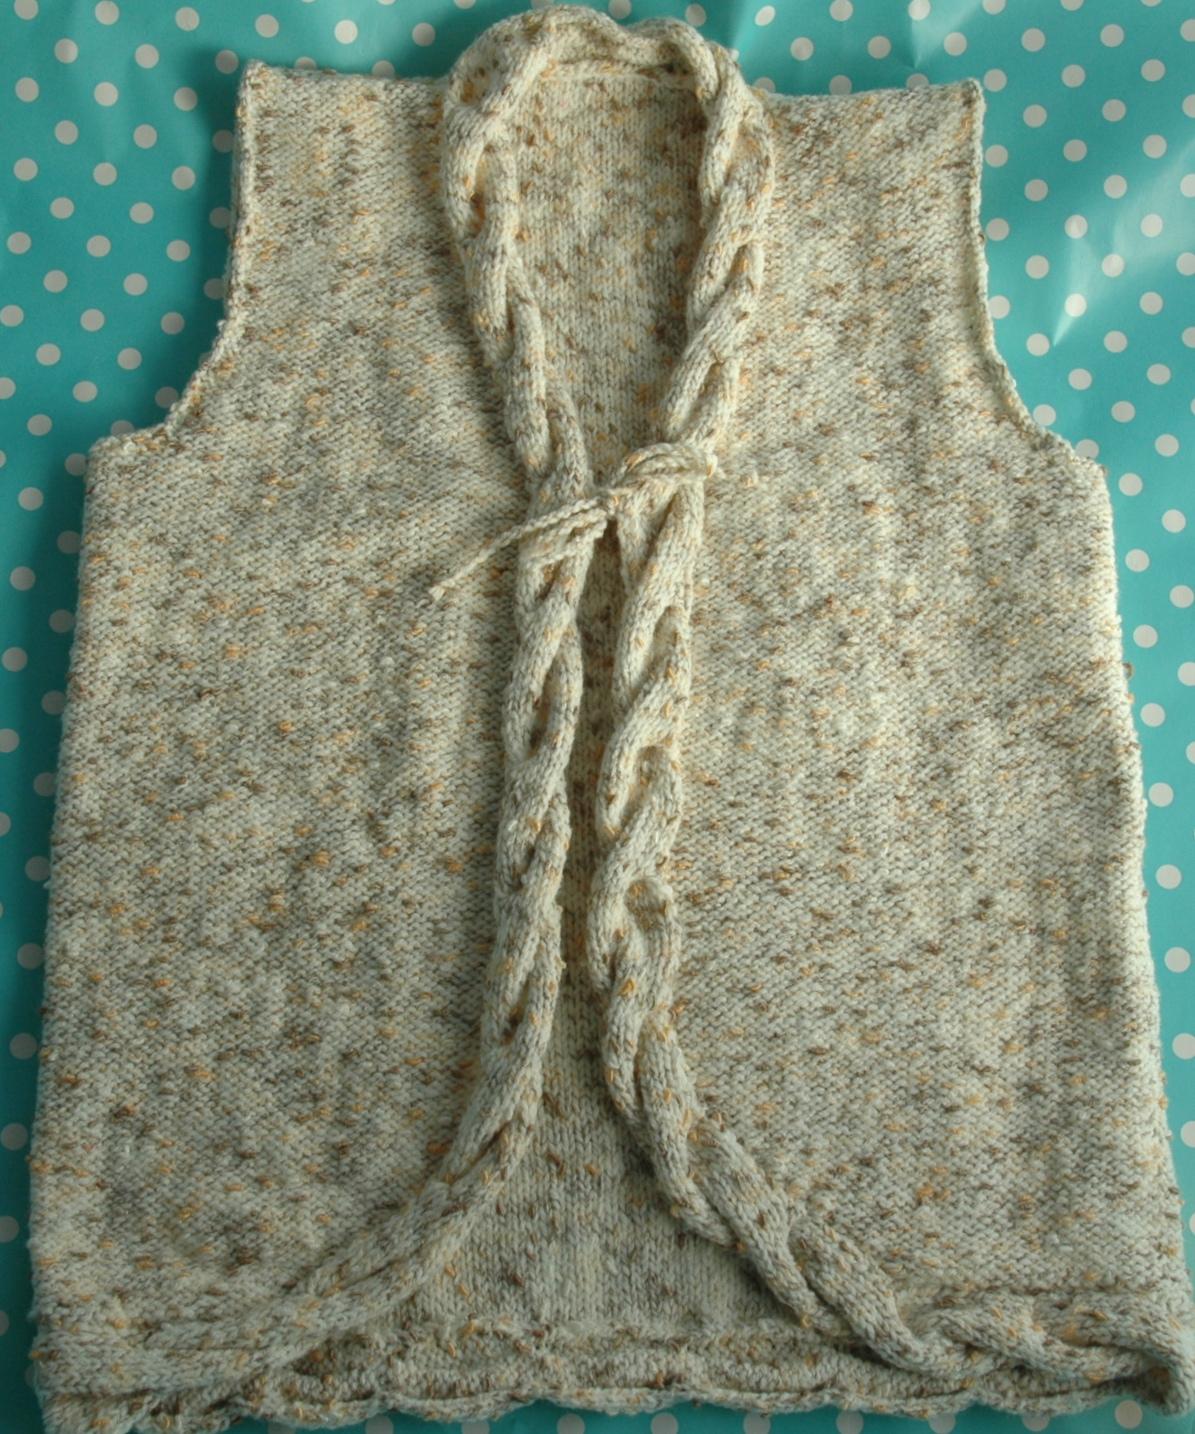 Knitted Waistcoat Patterns : DK   Knitting pattern   Girls Cable Waistcoat KnitsRUs